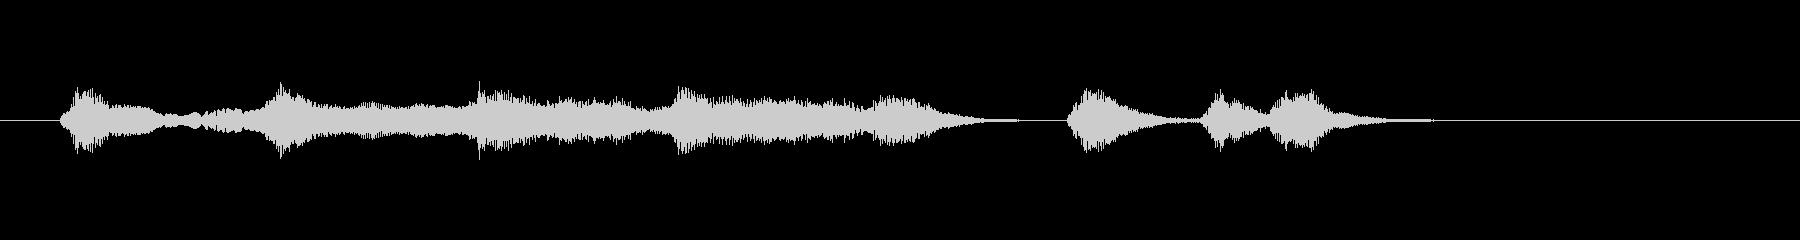 アニメで流れるような小規模オーケストラ曲の未再生の波形